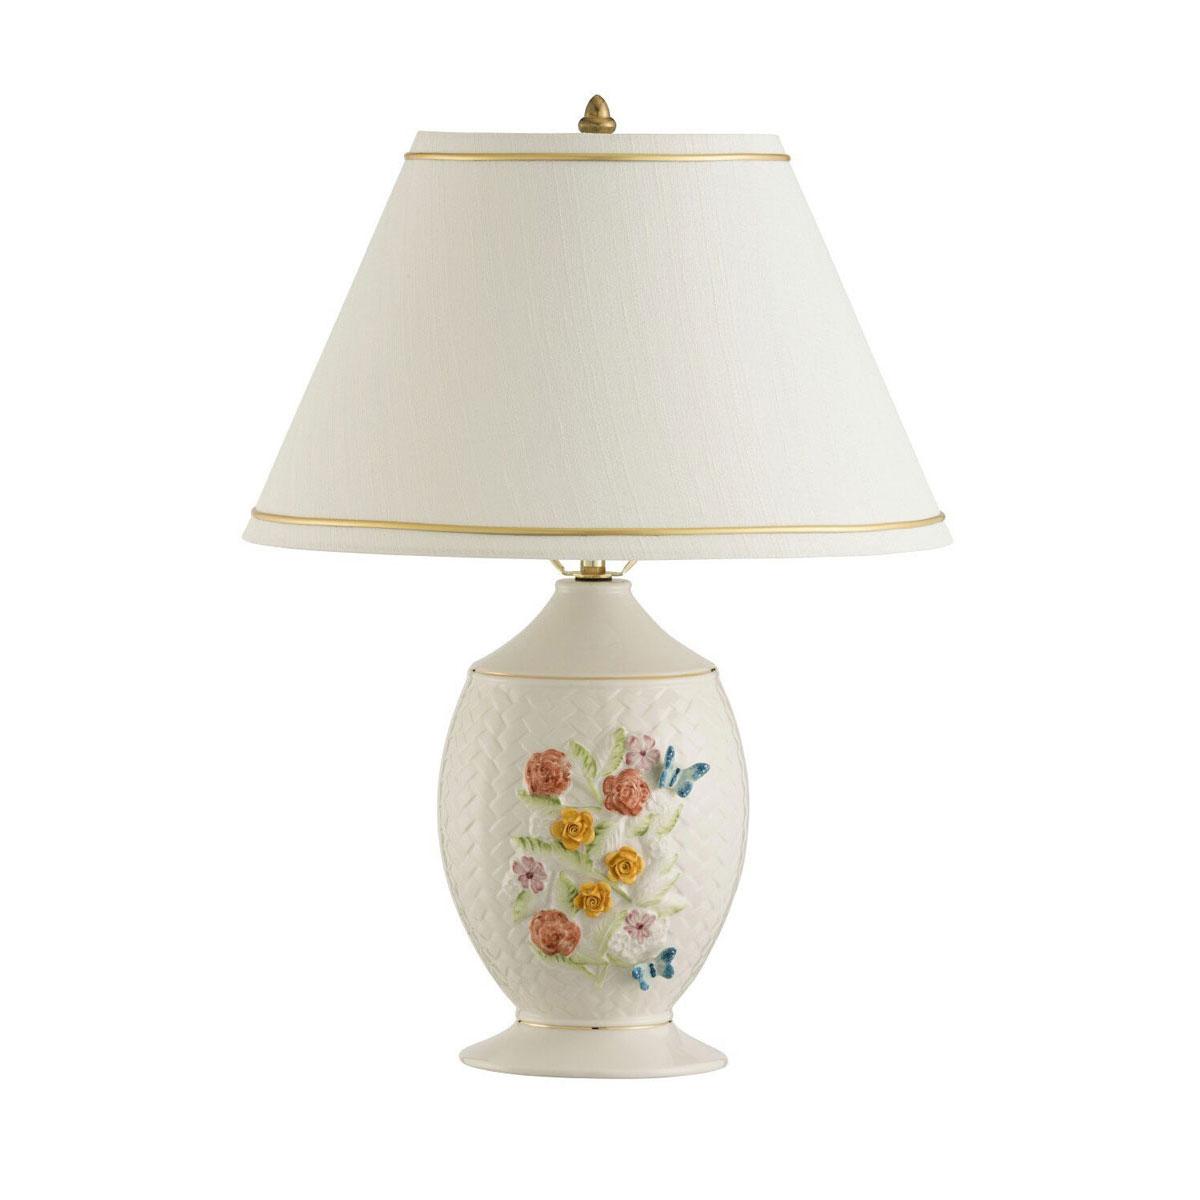 Belleek China Wickerweave Lamp and Shade